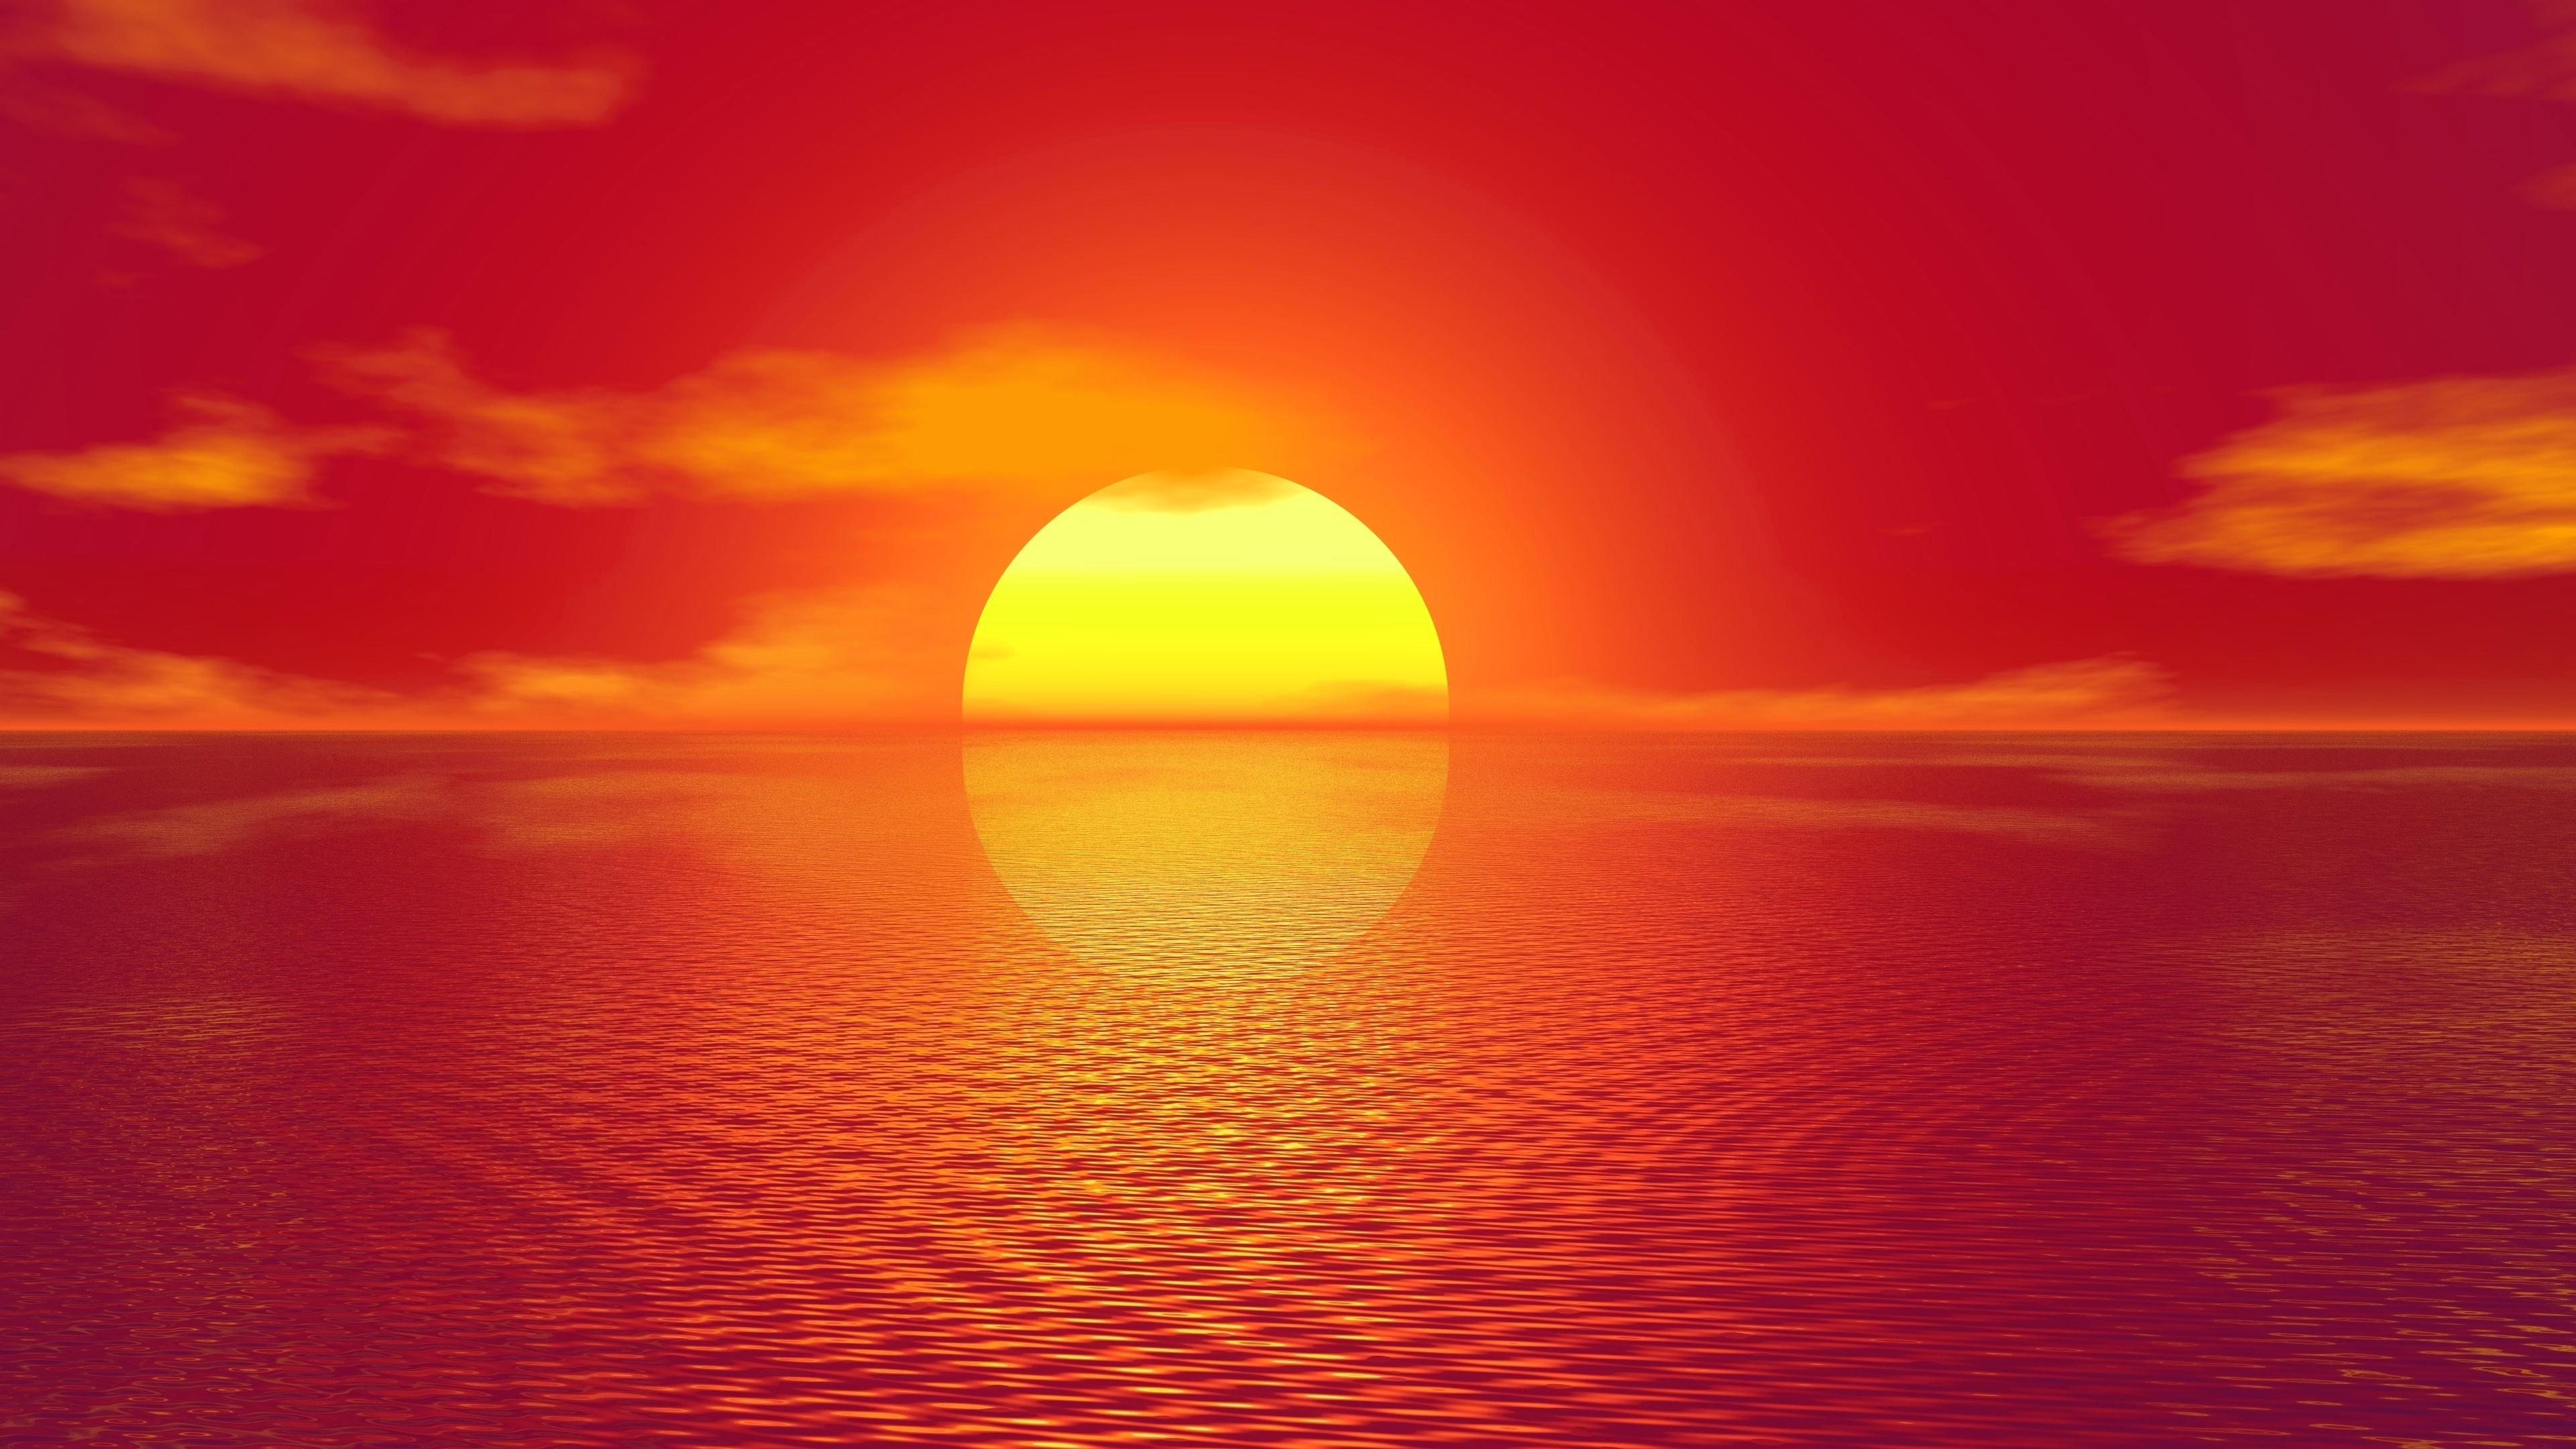 sunset artistic 4k 1540750108 - Sunset Artistic 4k - water wallpapers, sunset wallpapers, reflection wallpapers, orange wallpapers, hd-wallpapers, artwork wallpapers, artistic wallpapers, artist wallpapers